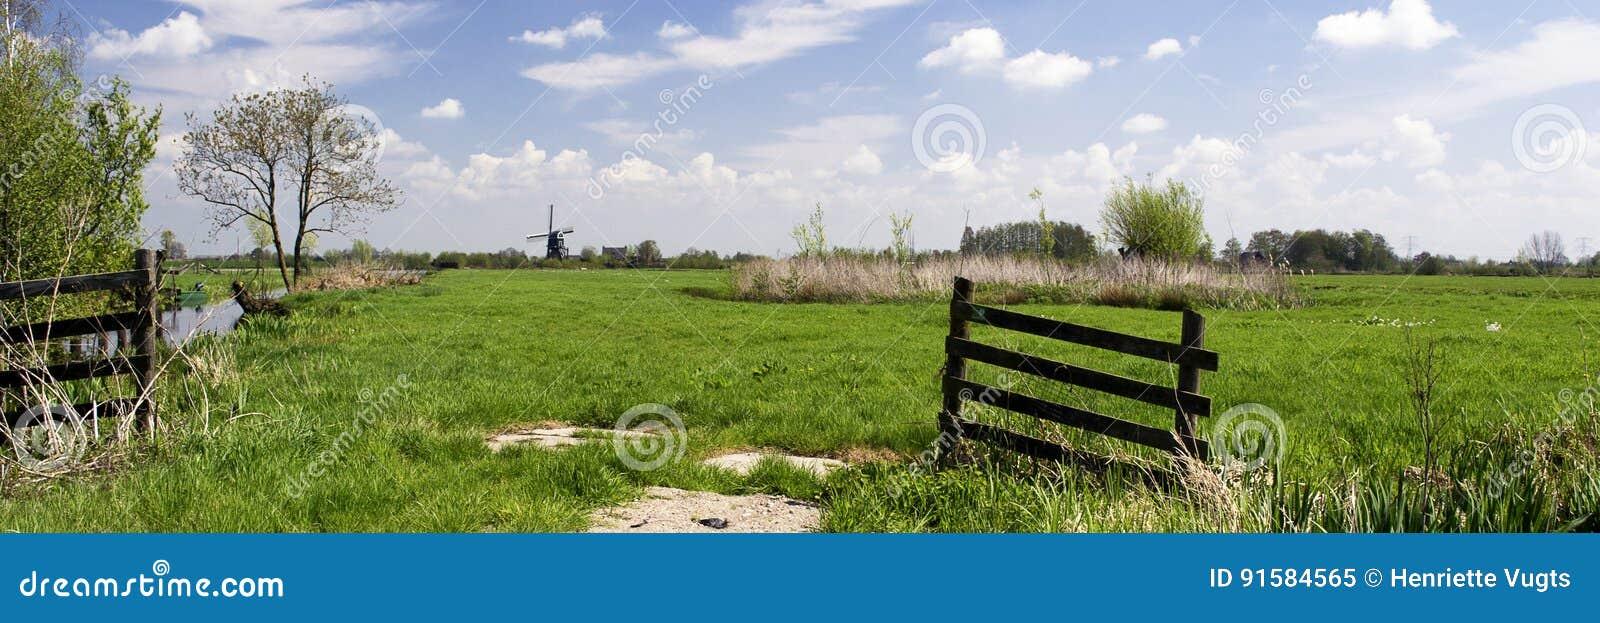 Det typiska holländska landskapet med ängar, trästaket, maler, grönt gräs, blå himmel, vit fördunklar